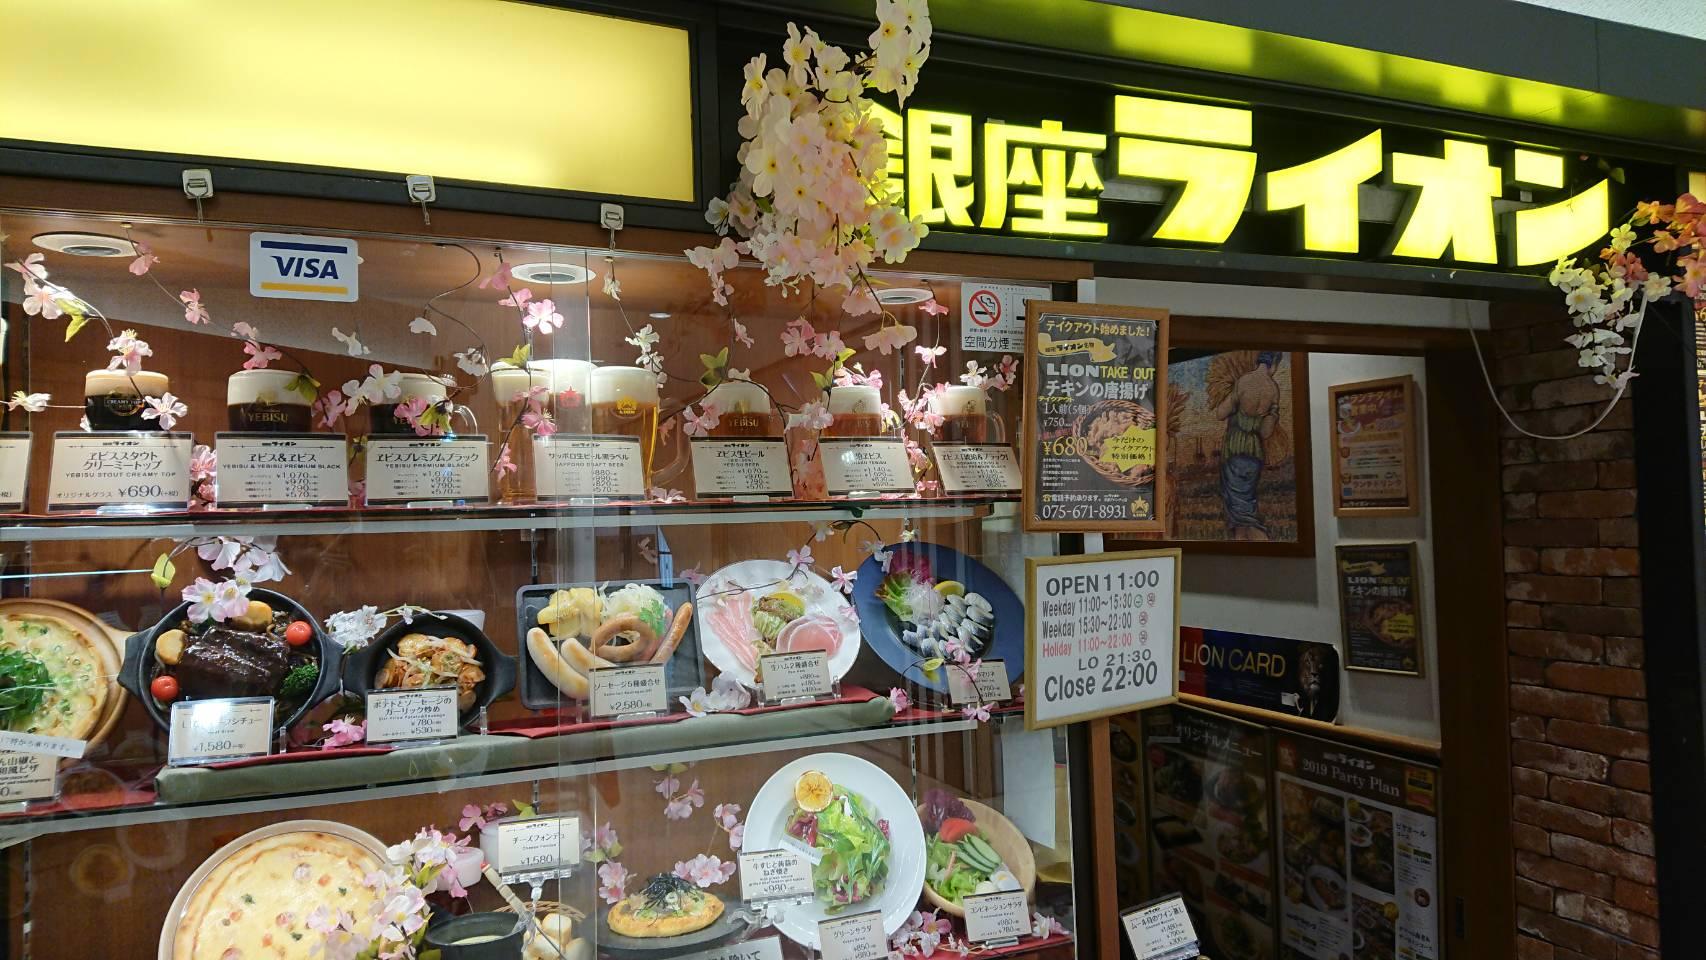 銀座ライオン 京都アバンティ店(京都市)